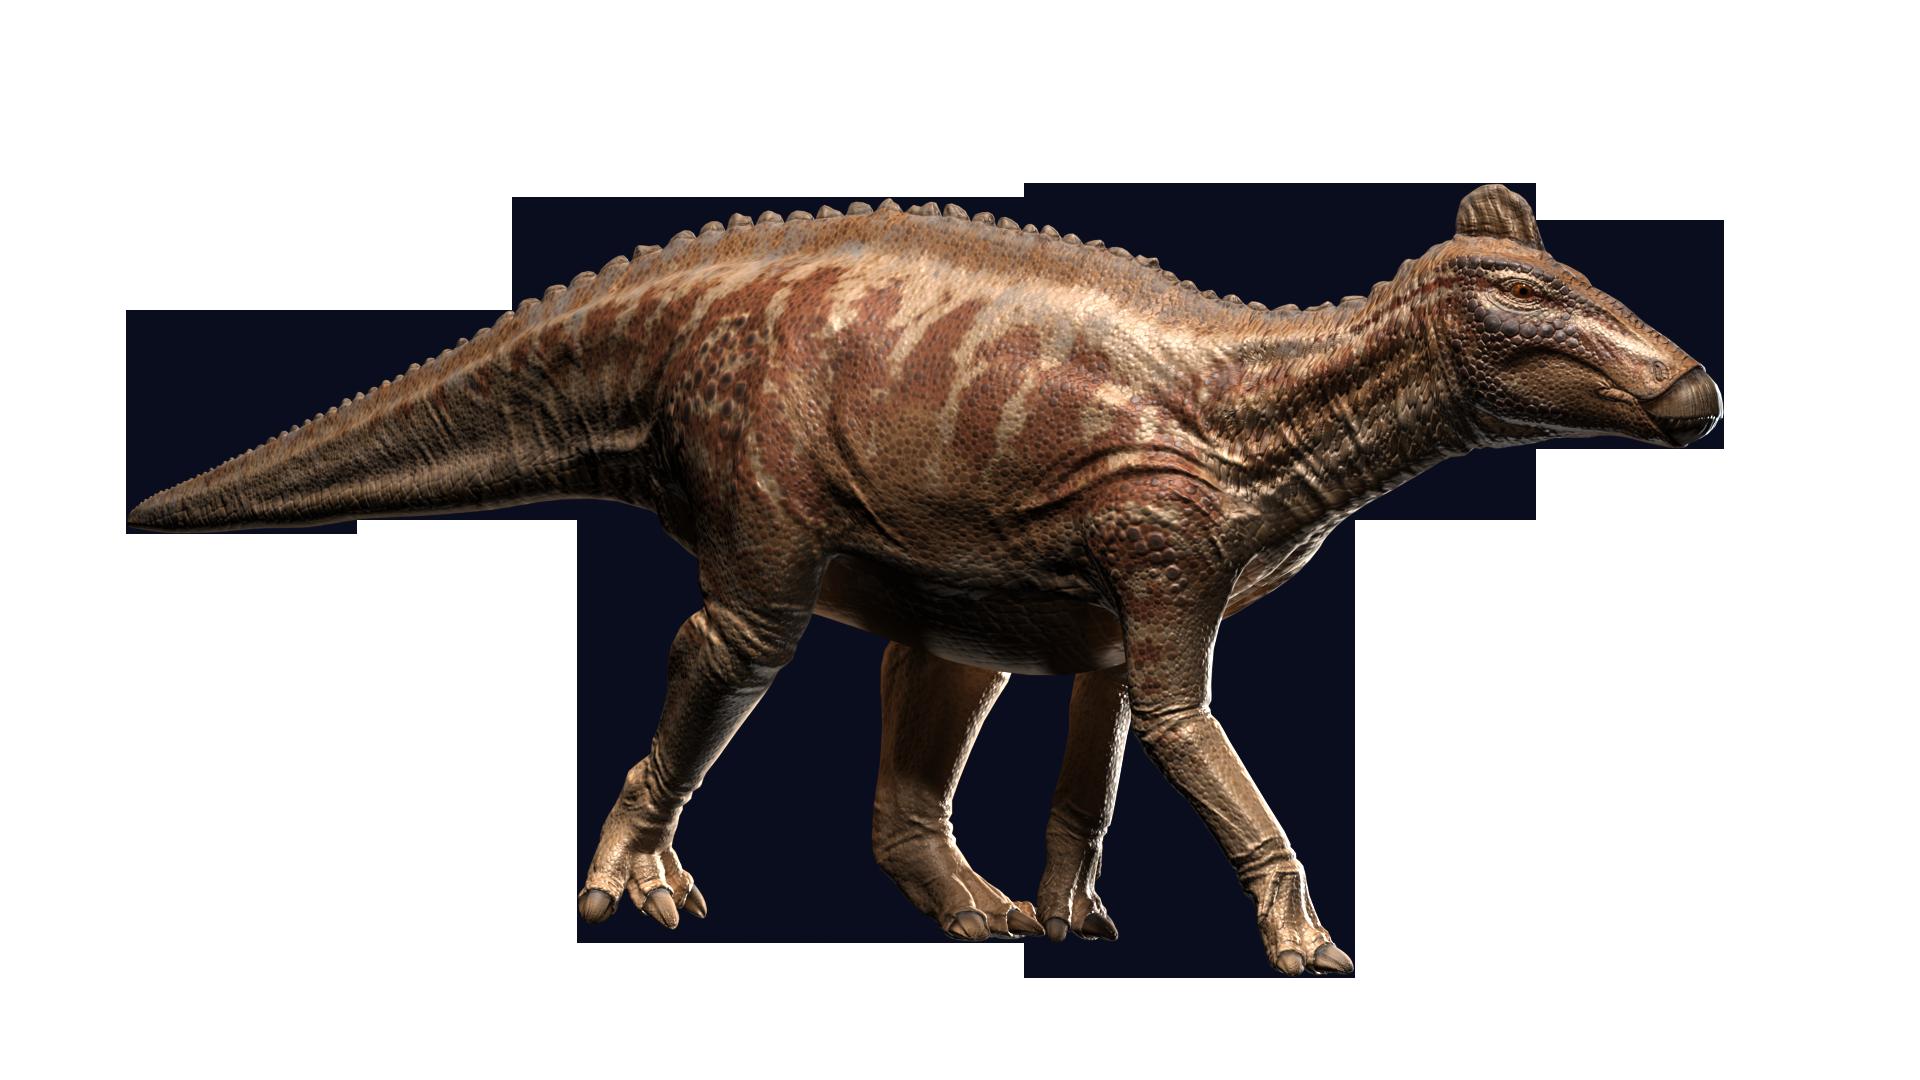 edmontosaurus_